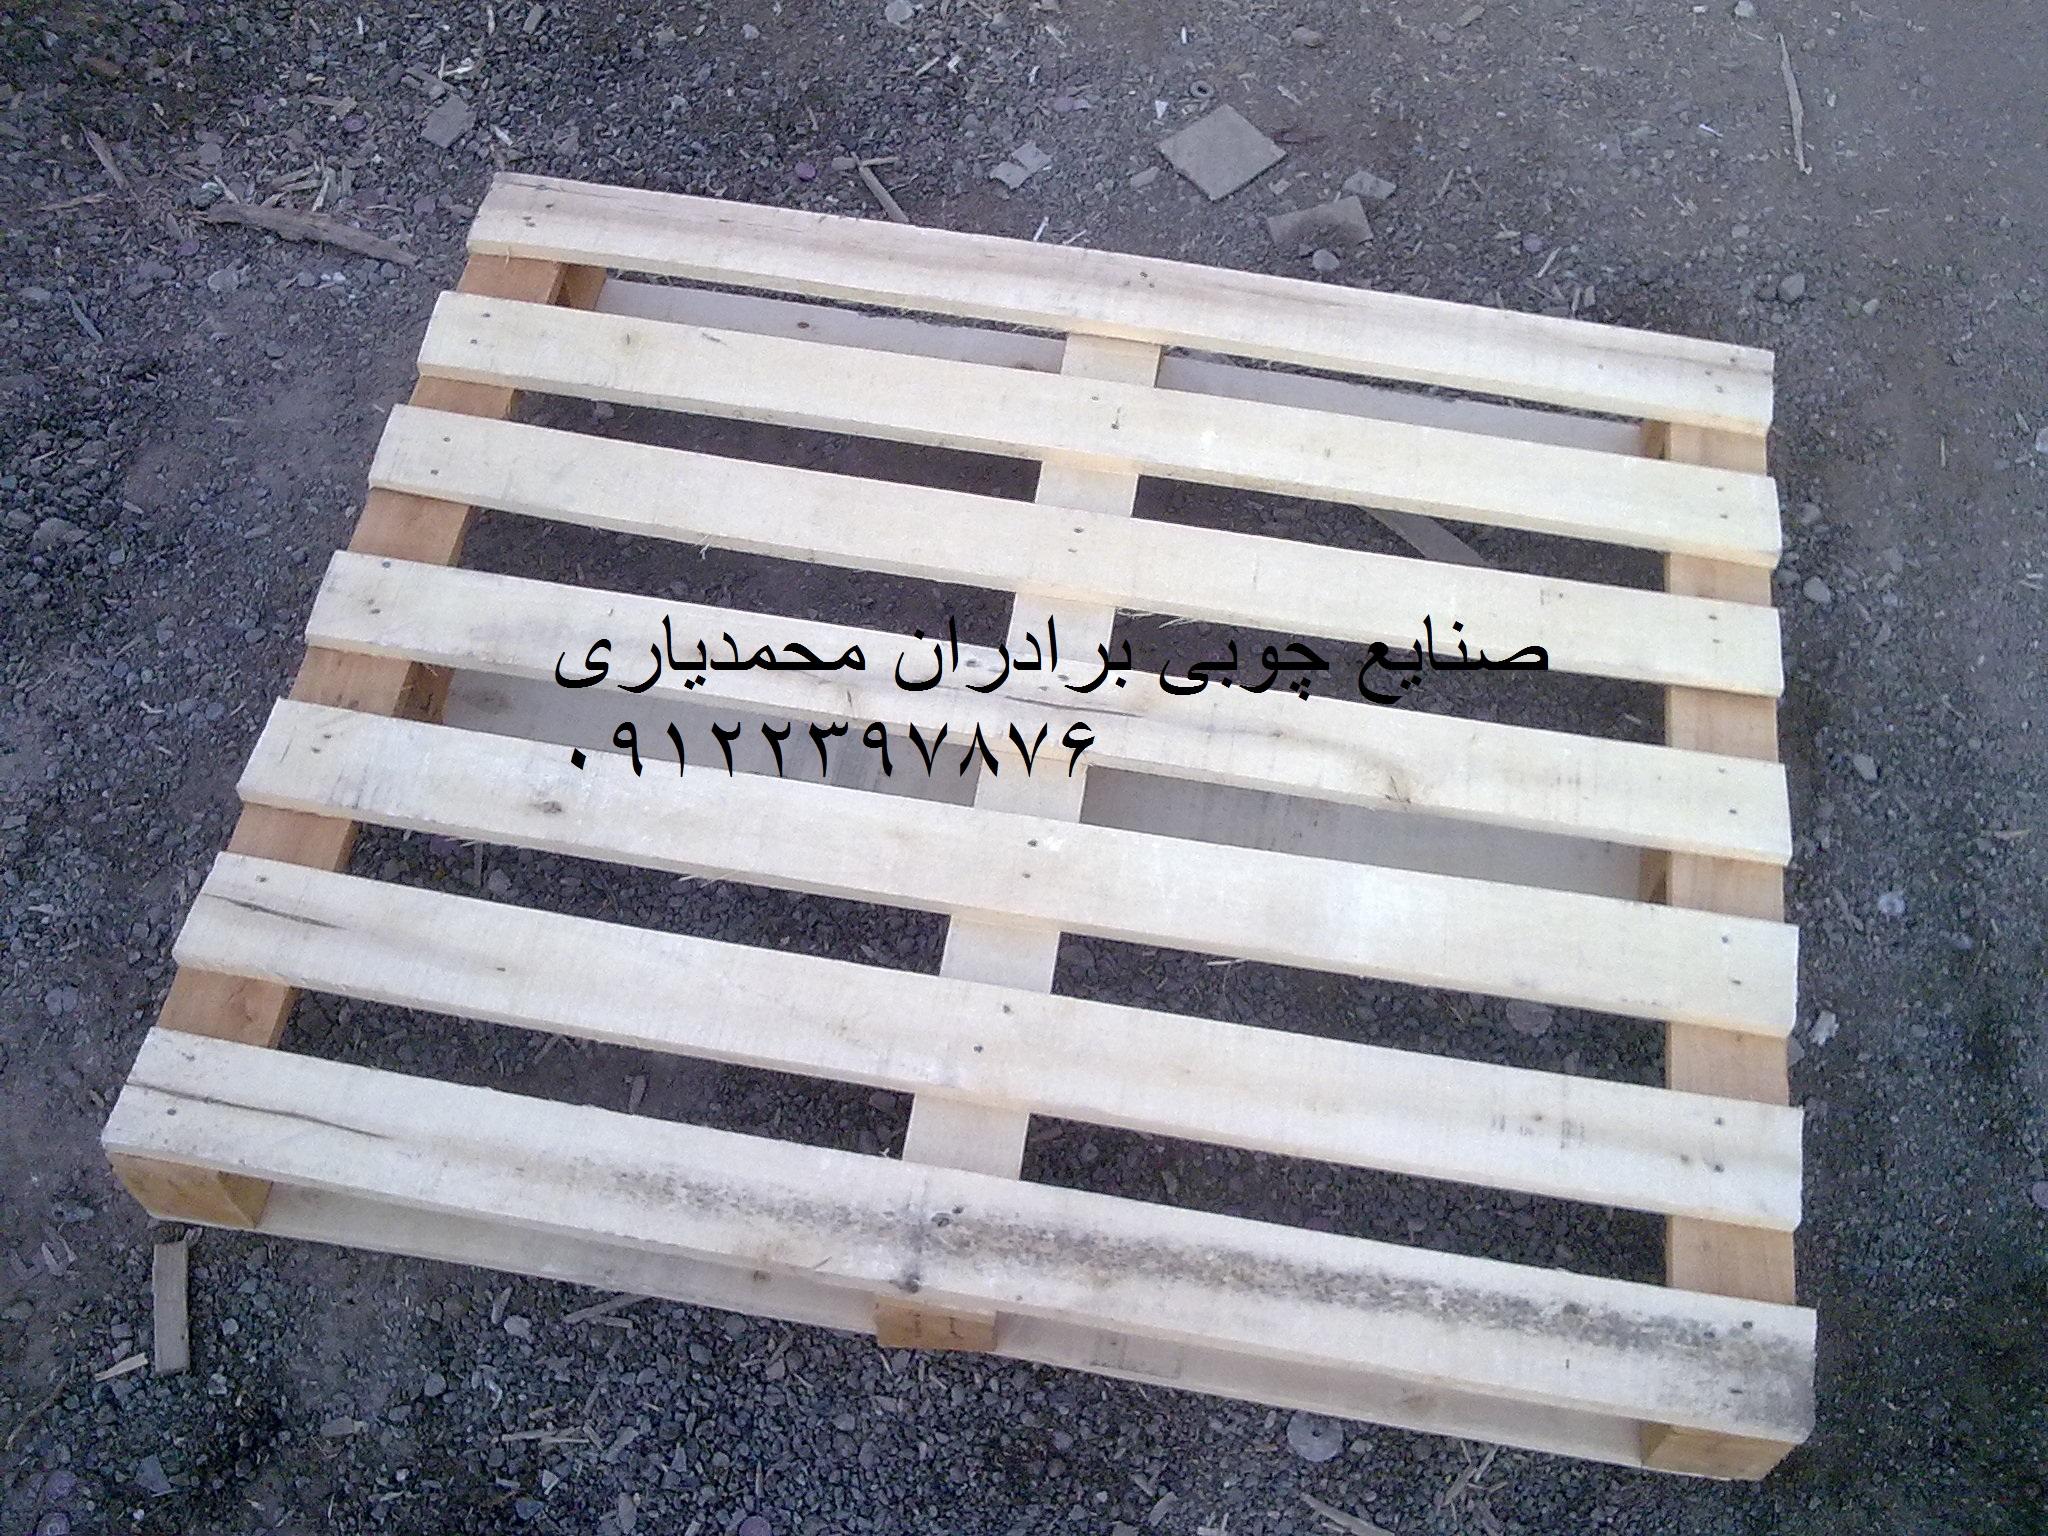 """پالت """"چوبی"""" و """"پلاستیکی""""پالت های چوبی دست دوم در حد نو متناسب با نیاز شما"""